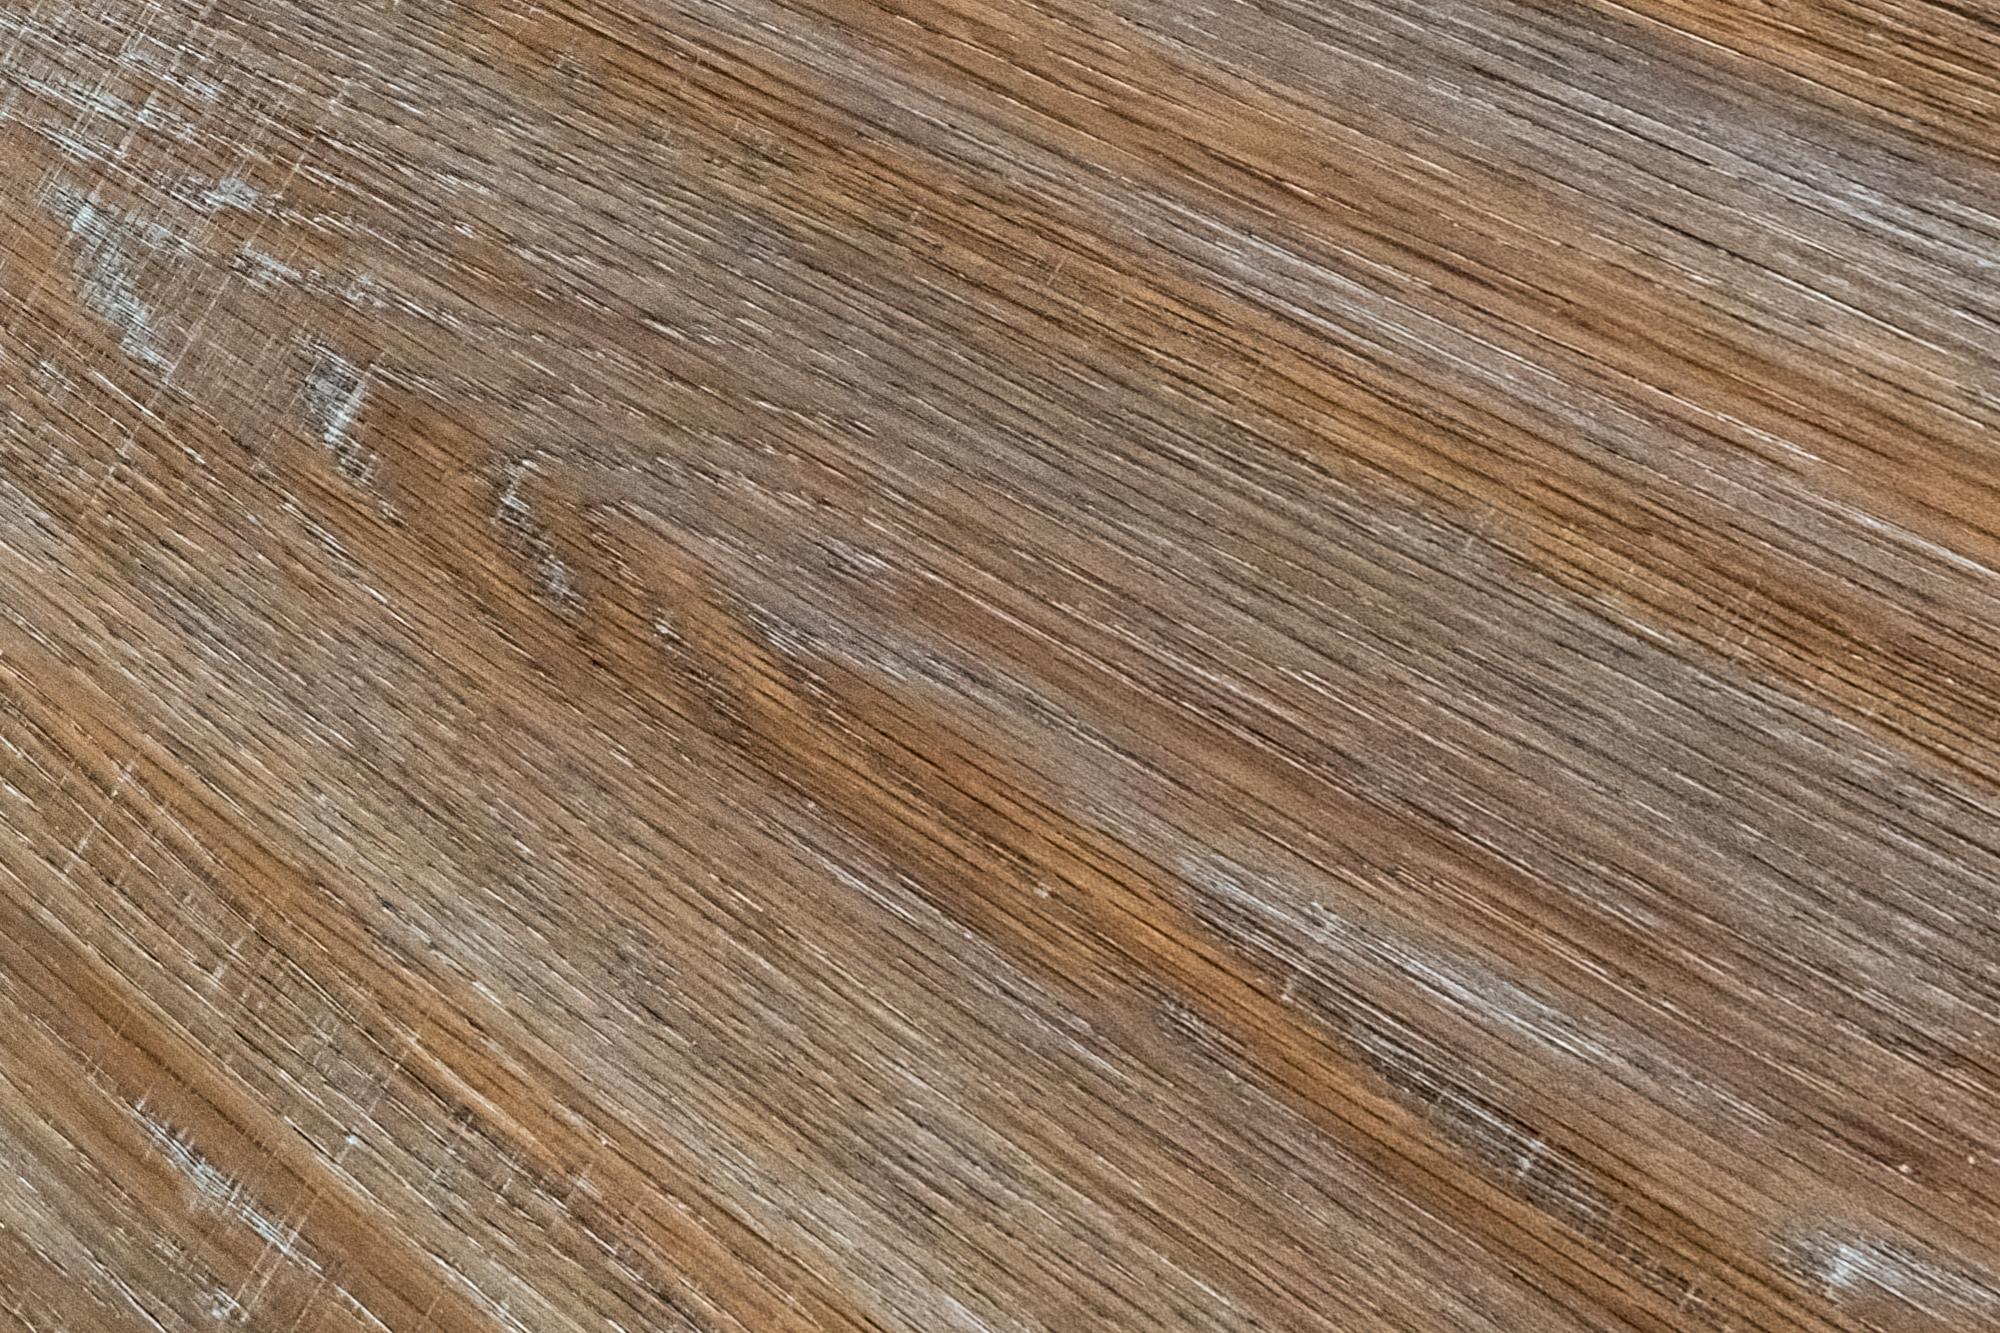 M2018 003CD